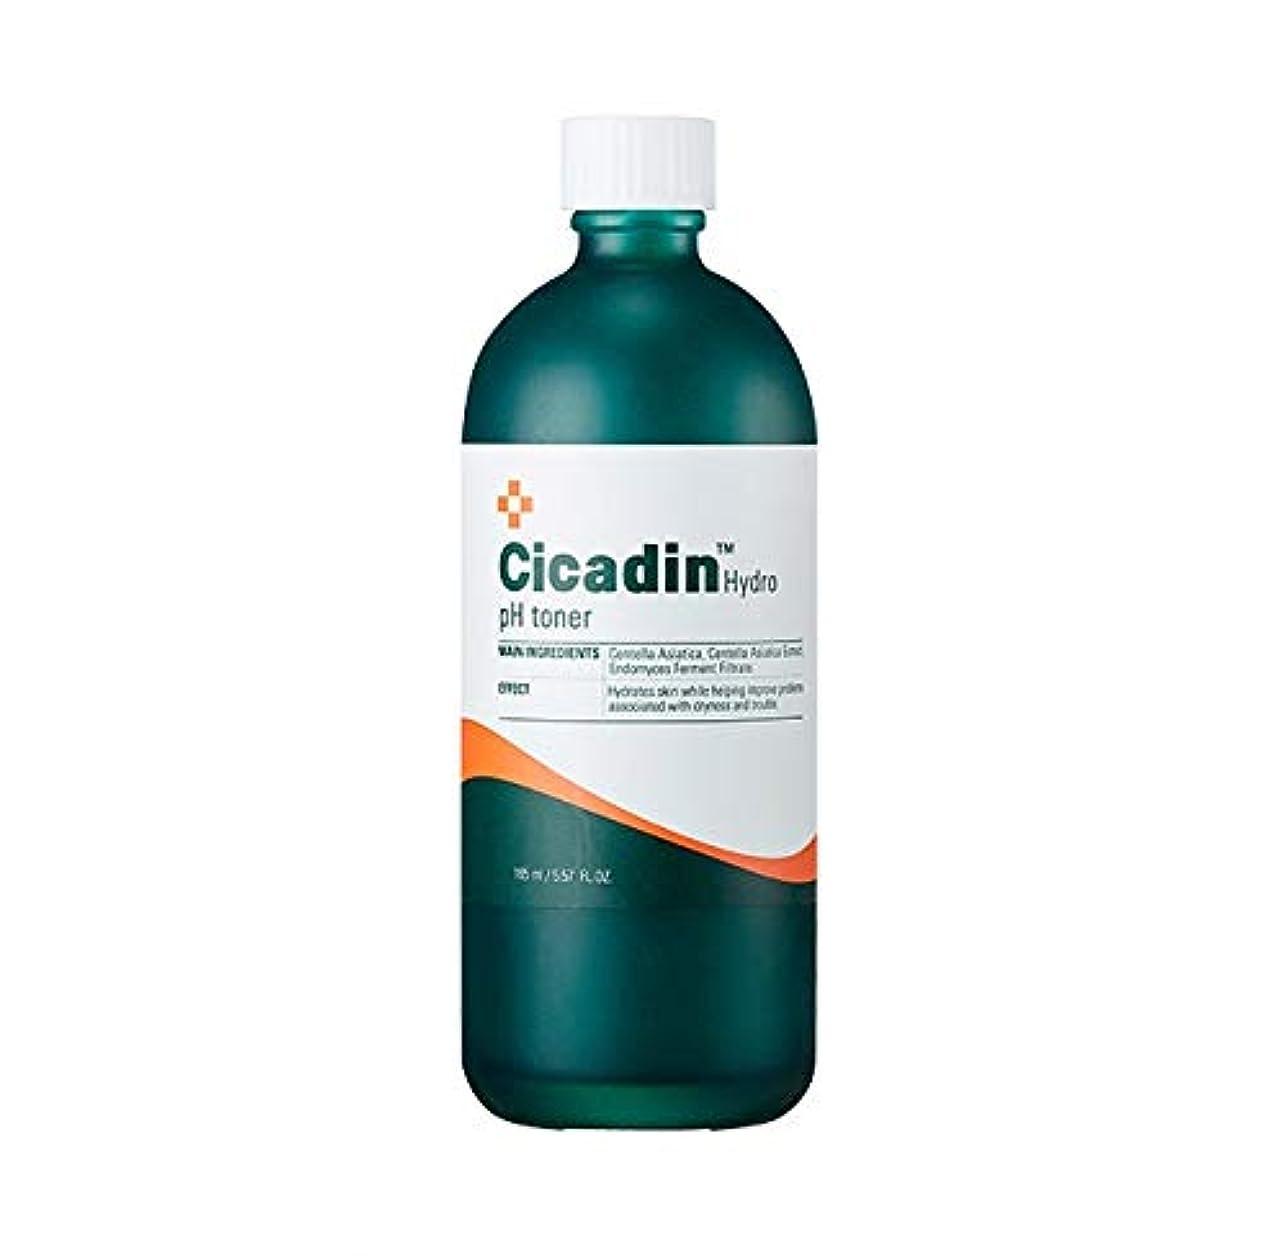 希望に満ちた壊滅的なさておきミシャシカディンハイドロpHトナー165ml MISSHA Cicadin Hydro pH toner 韓国の人気商品 スキンケア 肌のAgeing防止 Korean Womens Skin